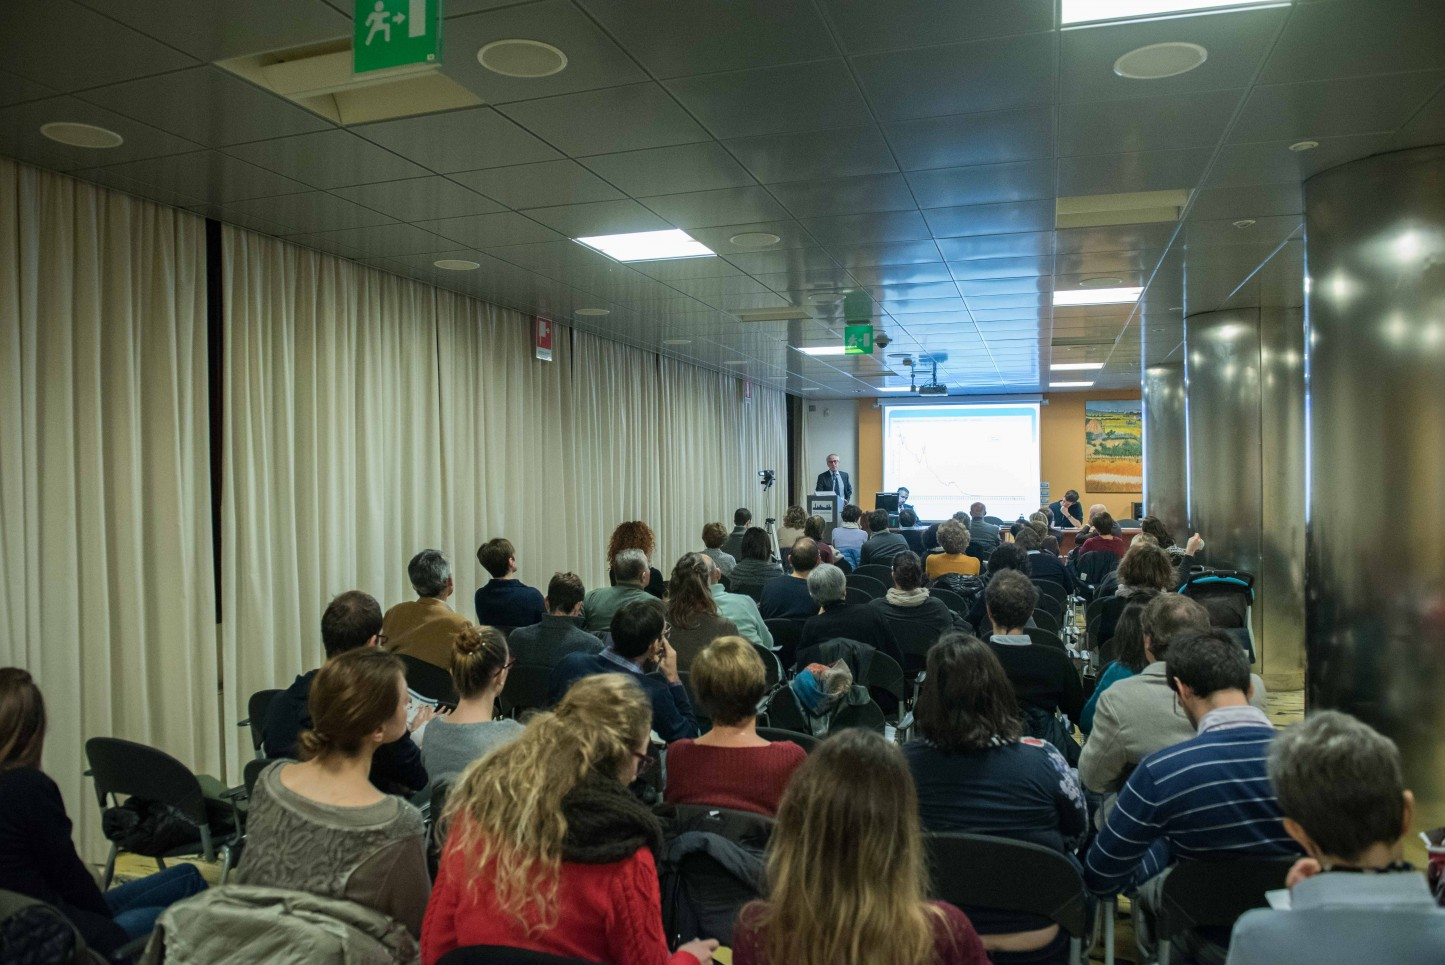 21.11.2015 - Bergamo, Convegno Vaccinazioni in età pediatrica - La sala